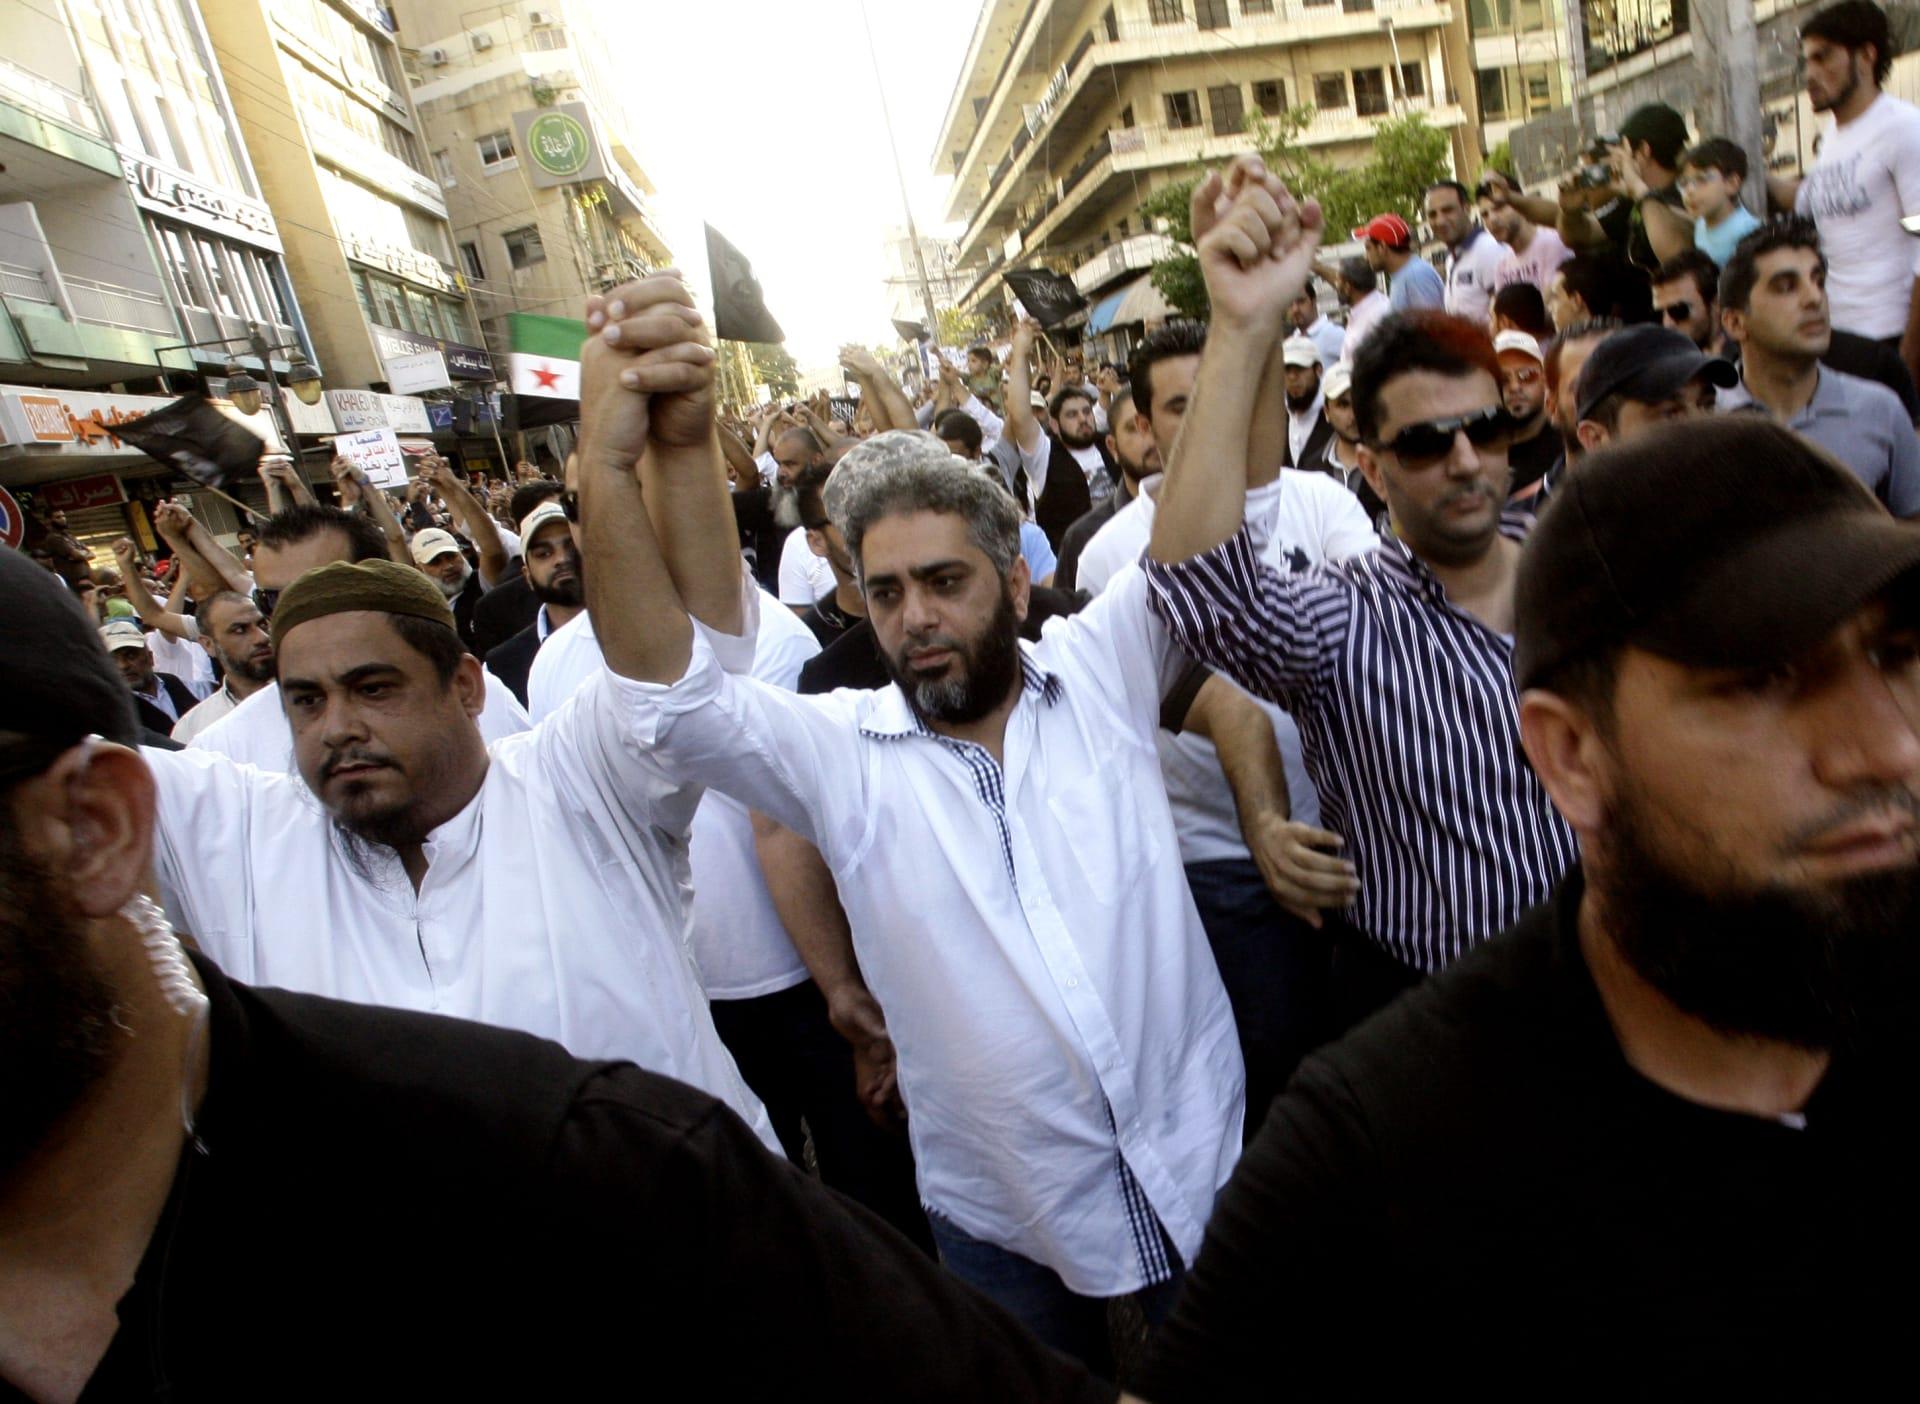 """لبنان: دعوى جديدة ضد فضل شاكر بتهمة """"إثارة النعرات الطائفية"""" عبر فيسبوك"""